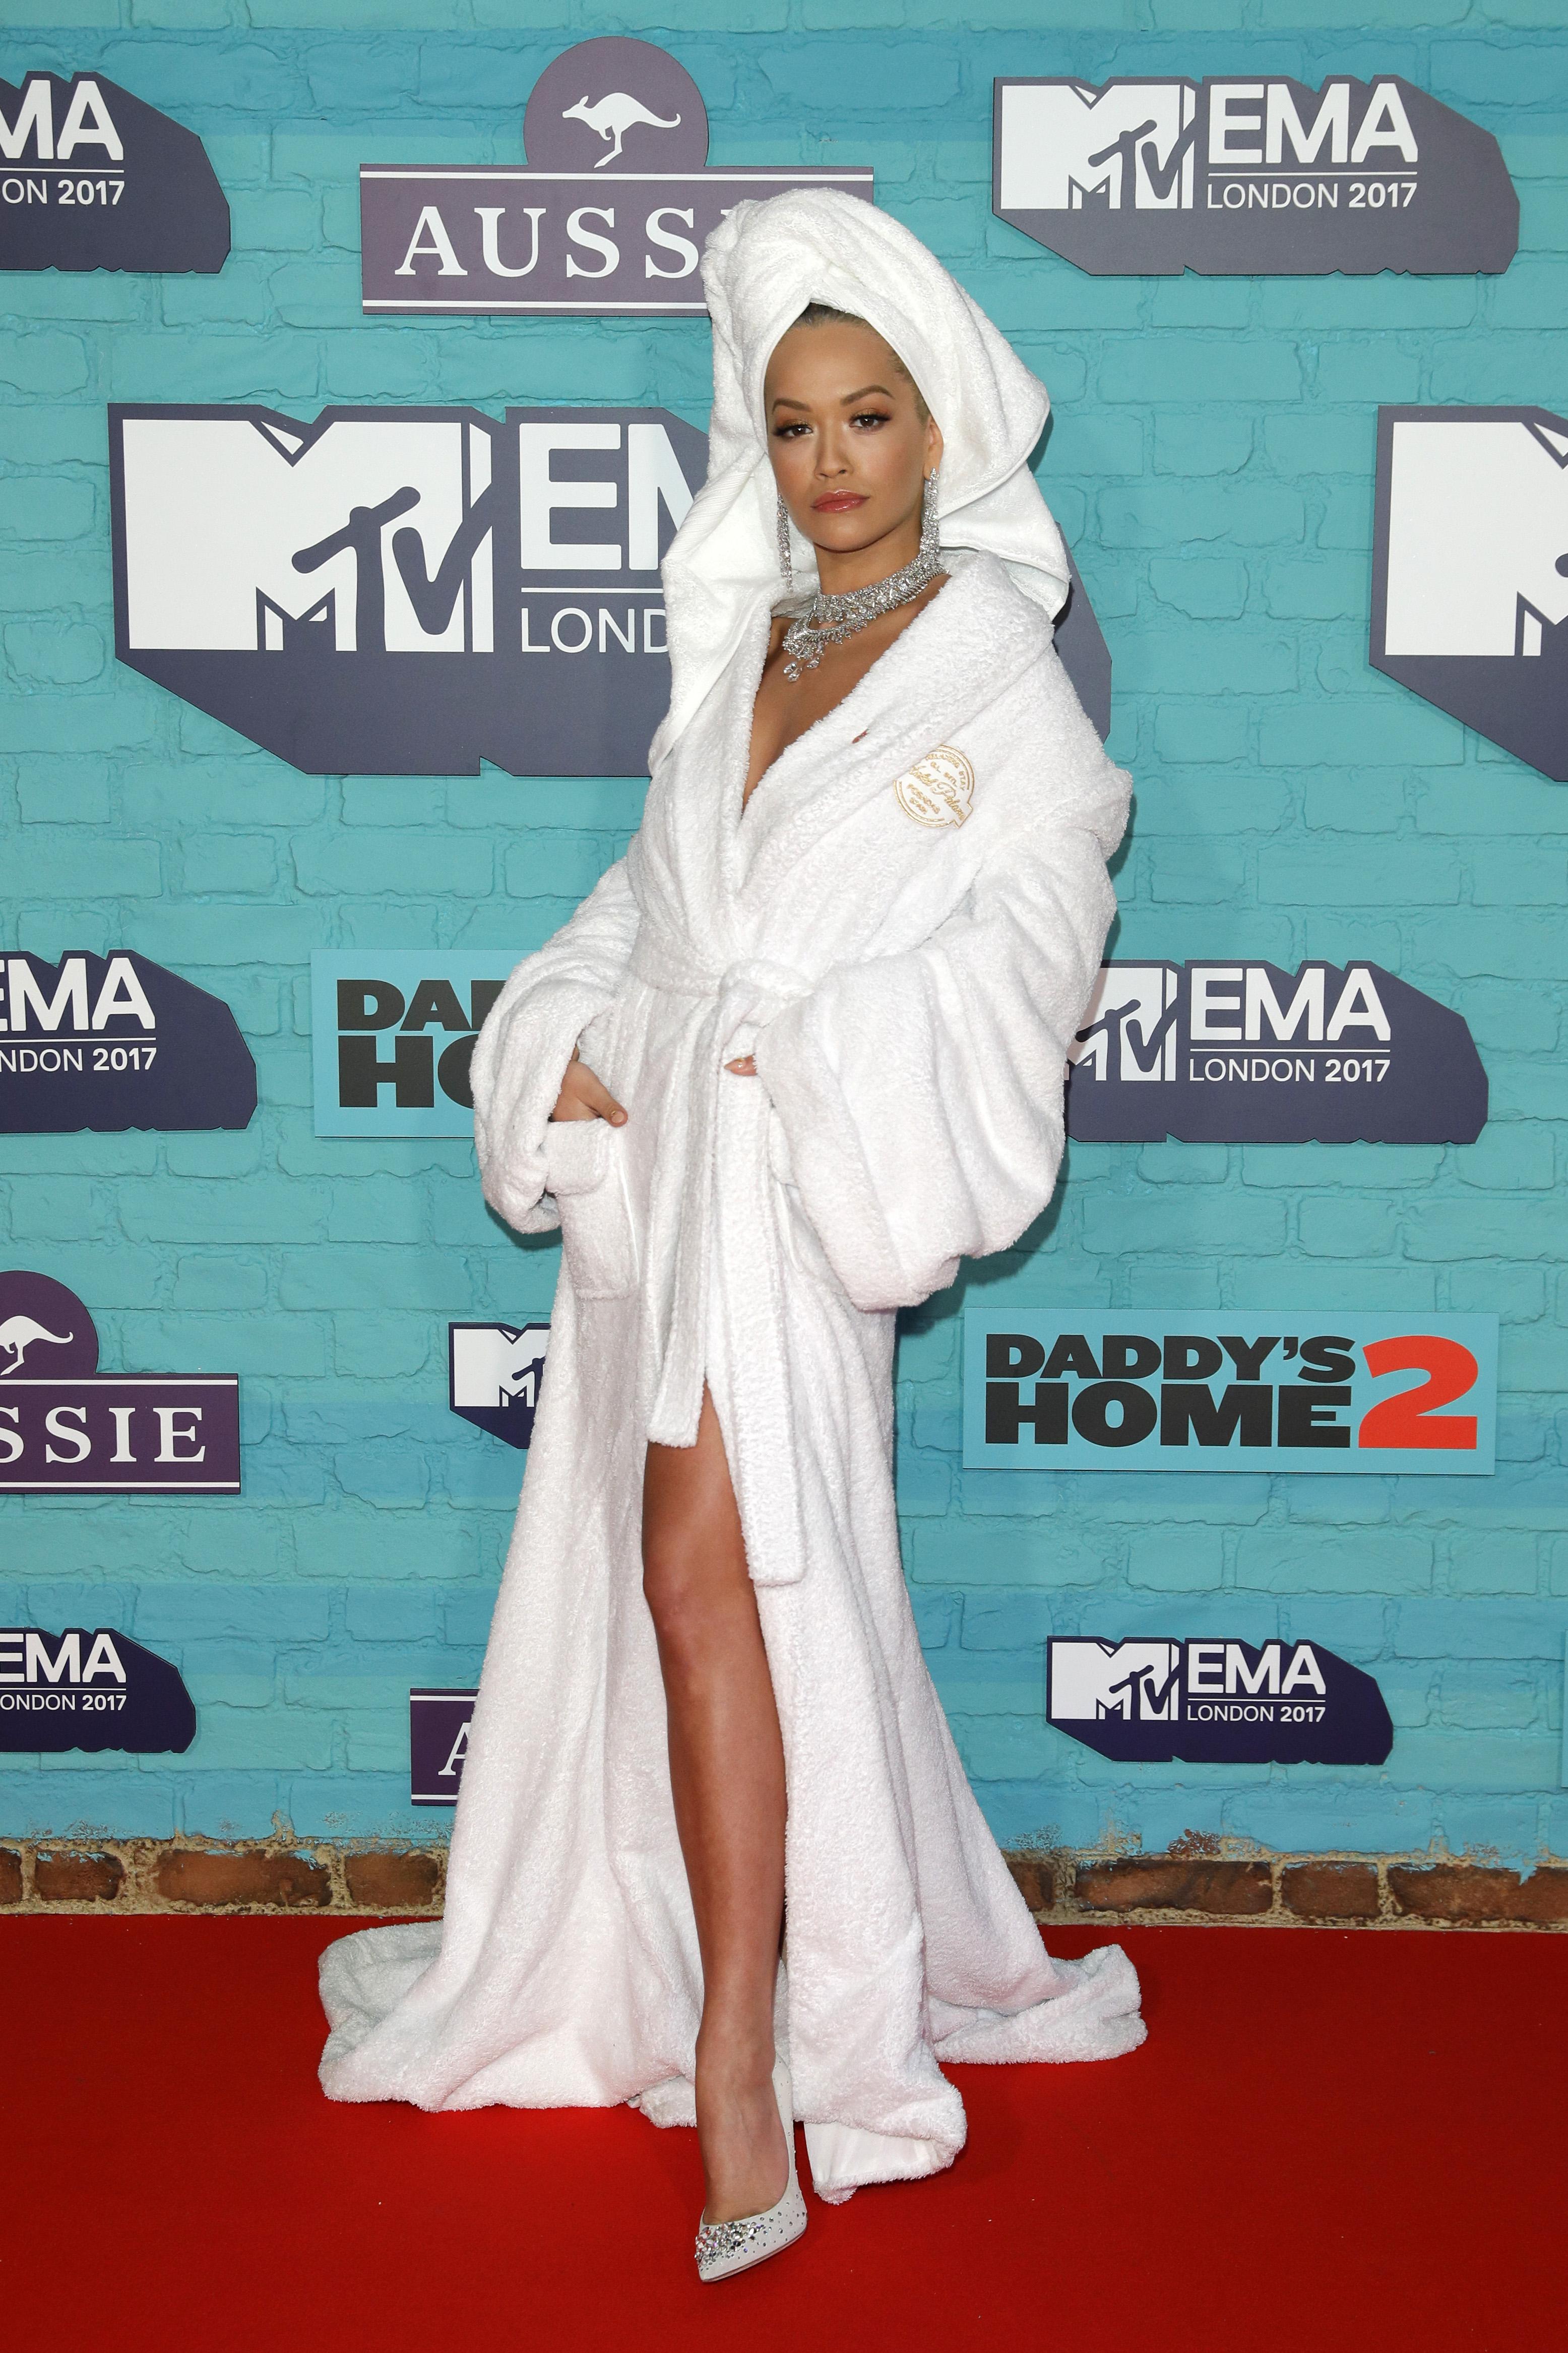 """Раздадоха се Европейските награди награди на MTV по време на пищнацеремония в зала """"Уембли"""", Лондон.Като на всички други награди, проведени от MTV, винаги има по няколко изненади.Тази година певицата Рита Ора, която бе водеща на наградите, """"събра погледите"""", преминавайки по червения килим в необичайно облекло- с хавлия и кърпа на главата.След шеговитата си поява в този вид, Ора сменяше тоалети буквалнопрез няколко минути, каквато е традицията всяка година. Водещият на наградите се преоблича най-малко 7 пъти, а дрехите винаги са меко казано ексцентрични."""